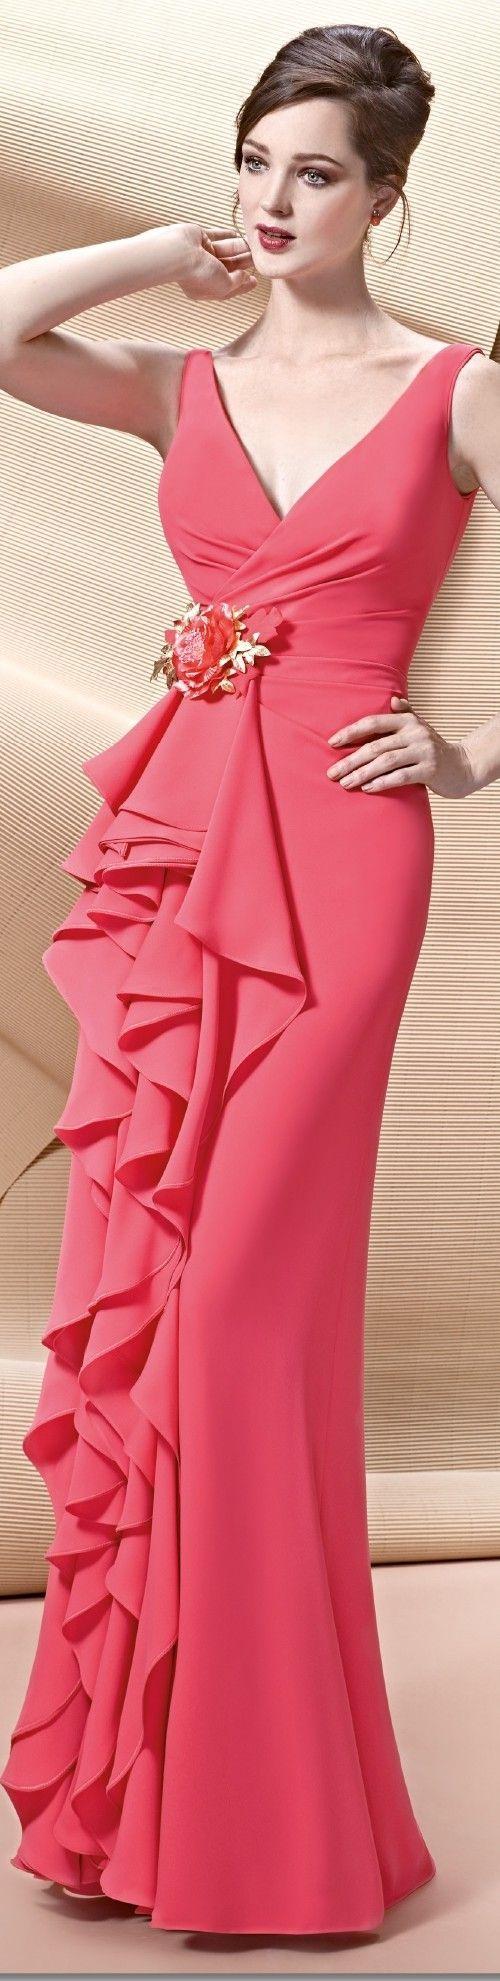 Mejores 235 imágenes de MODA en Pinterest | Vestidos de novia ...